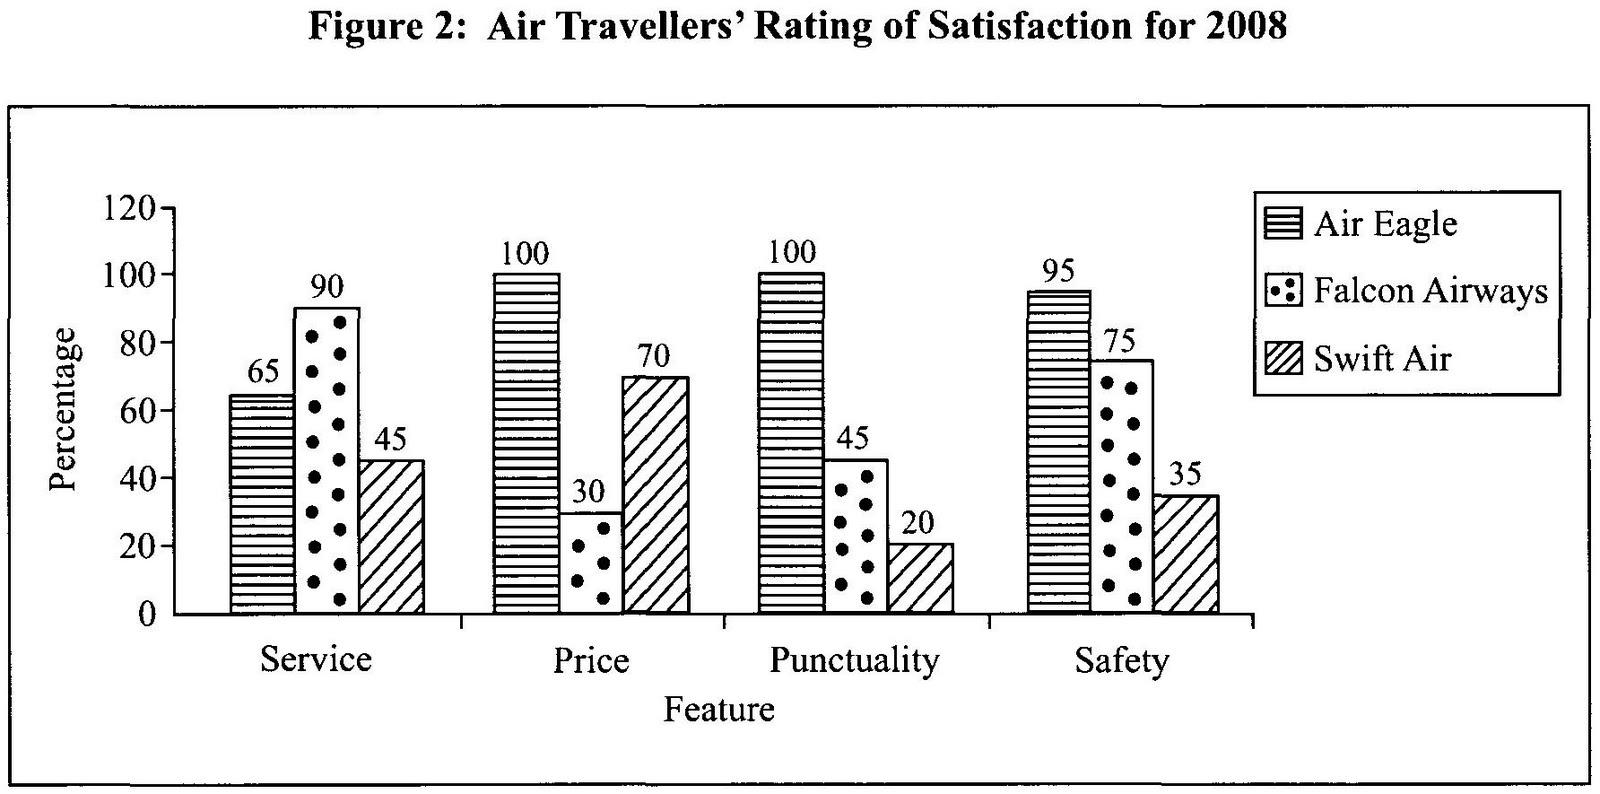 Smk Jalan Tasek Ipoh Year End Air Travellers